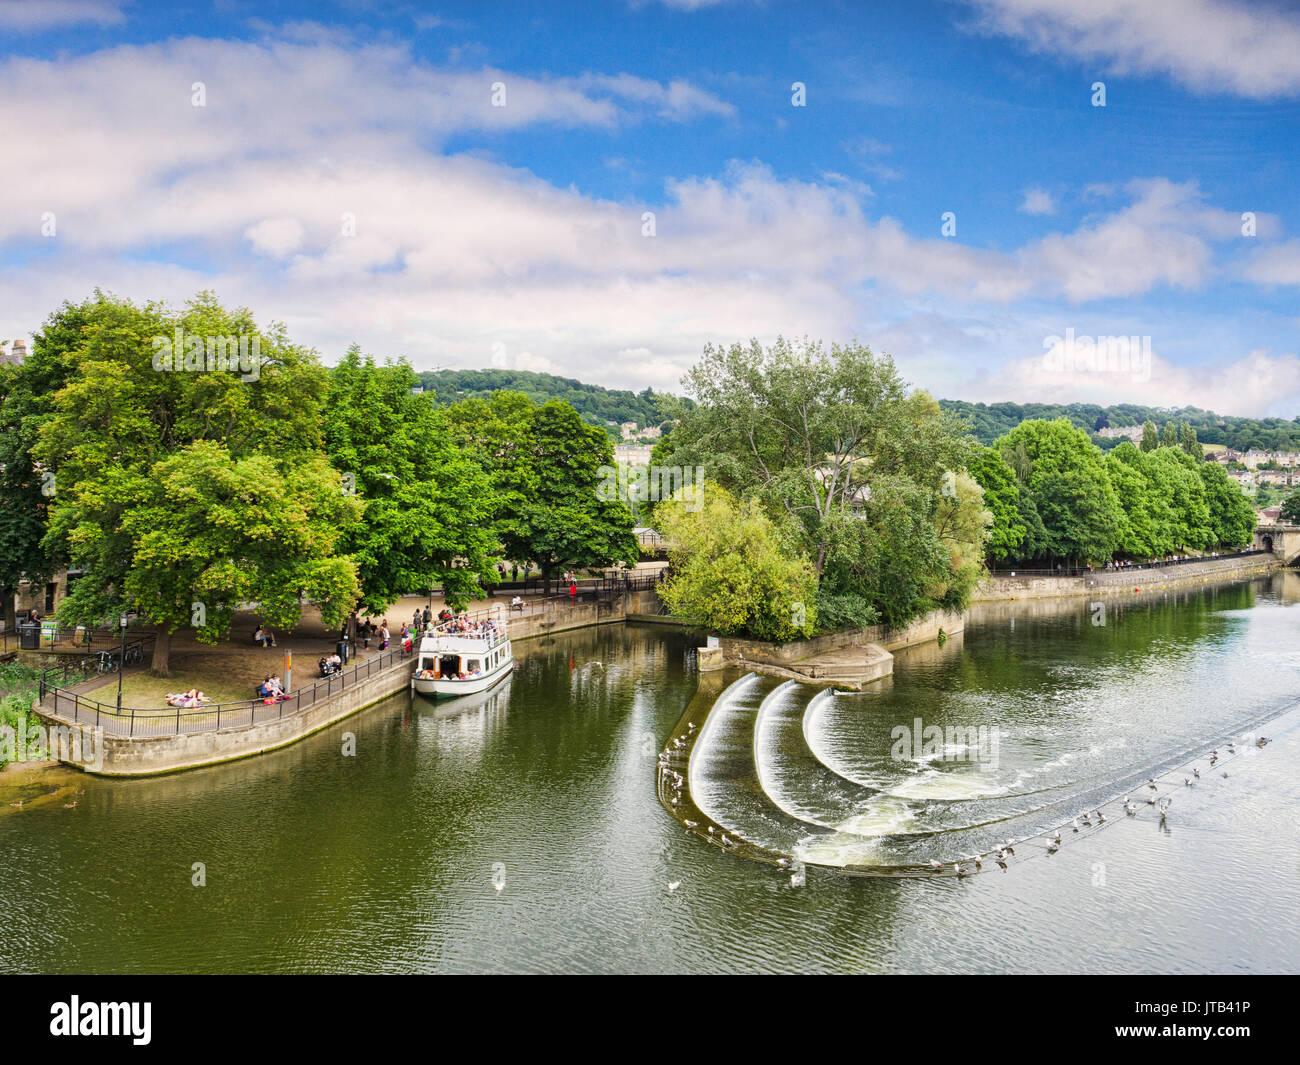 Vom 8. Juli 2017: Badewanne, Somerset, England, UK-Pulteney Wehr, eine der Attraktionen der Stadt, und wenn das Stockbild